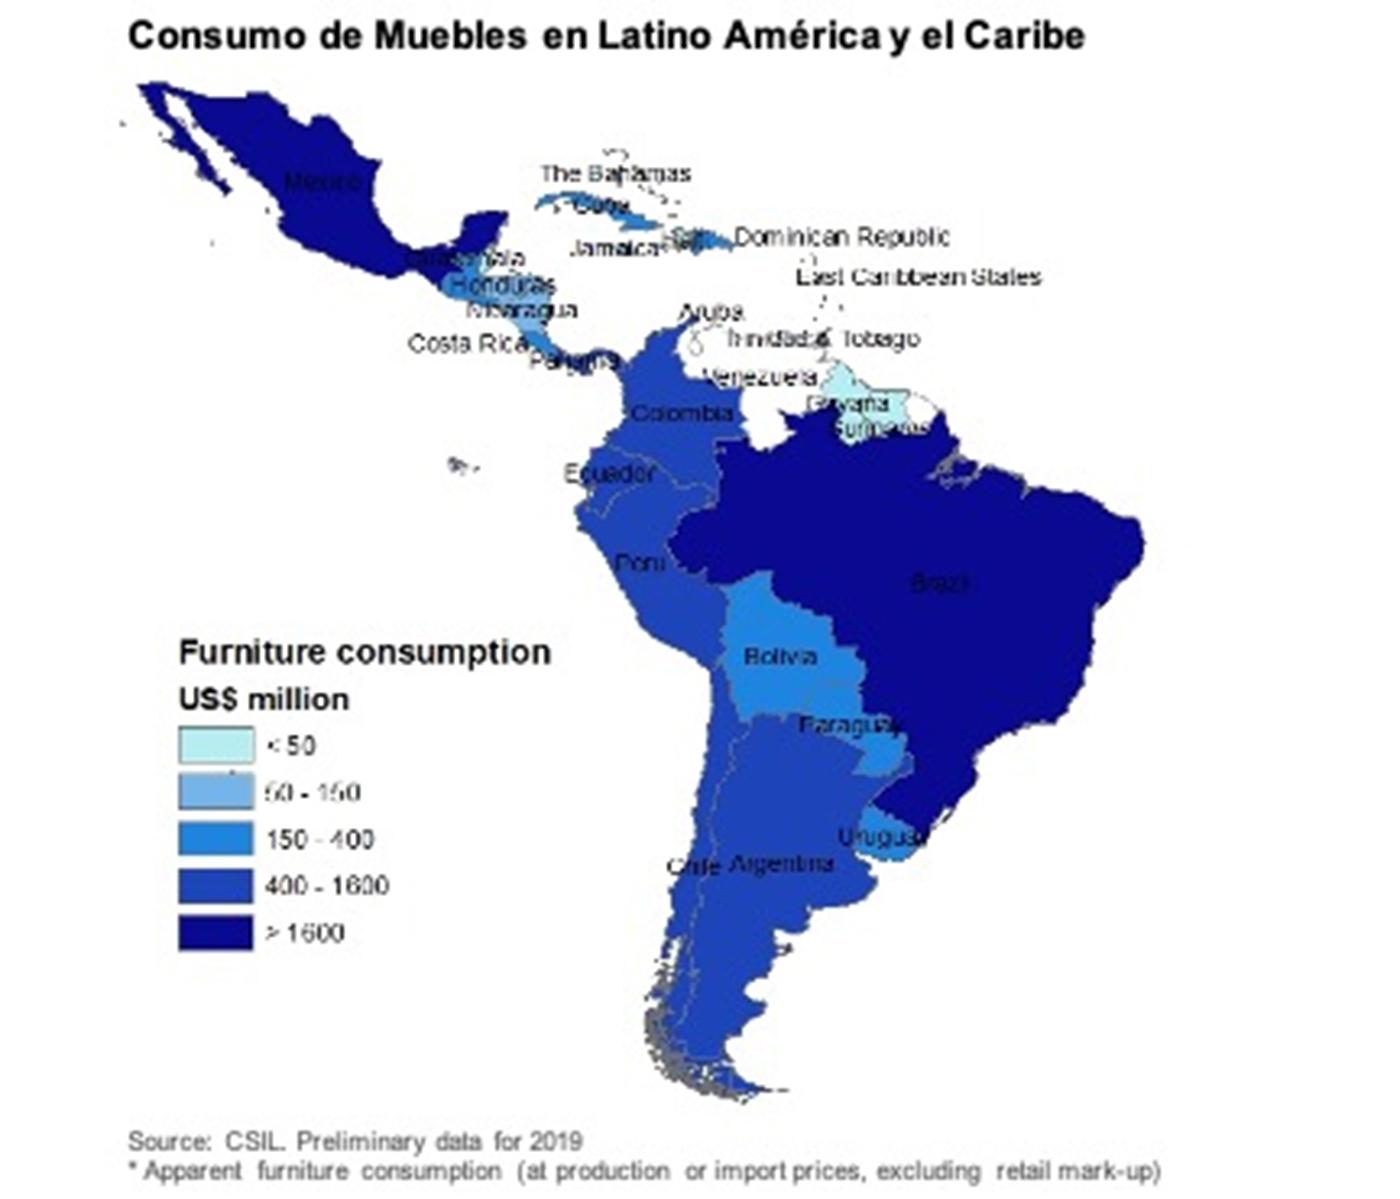 mueble en américa latina